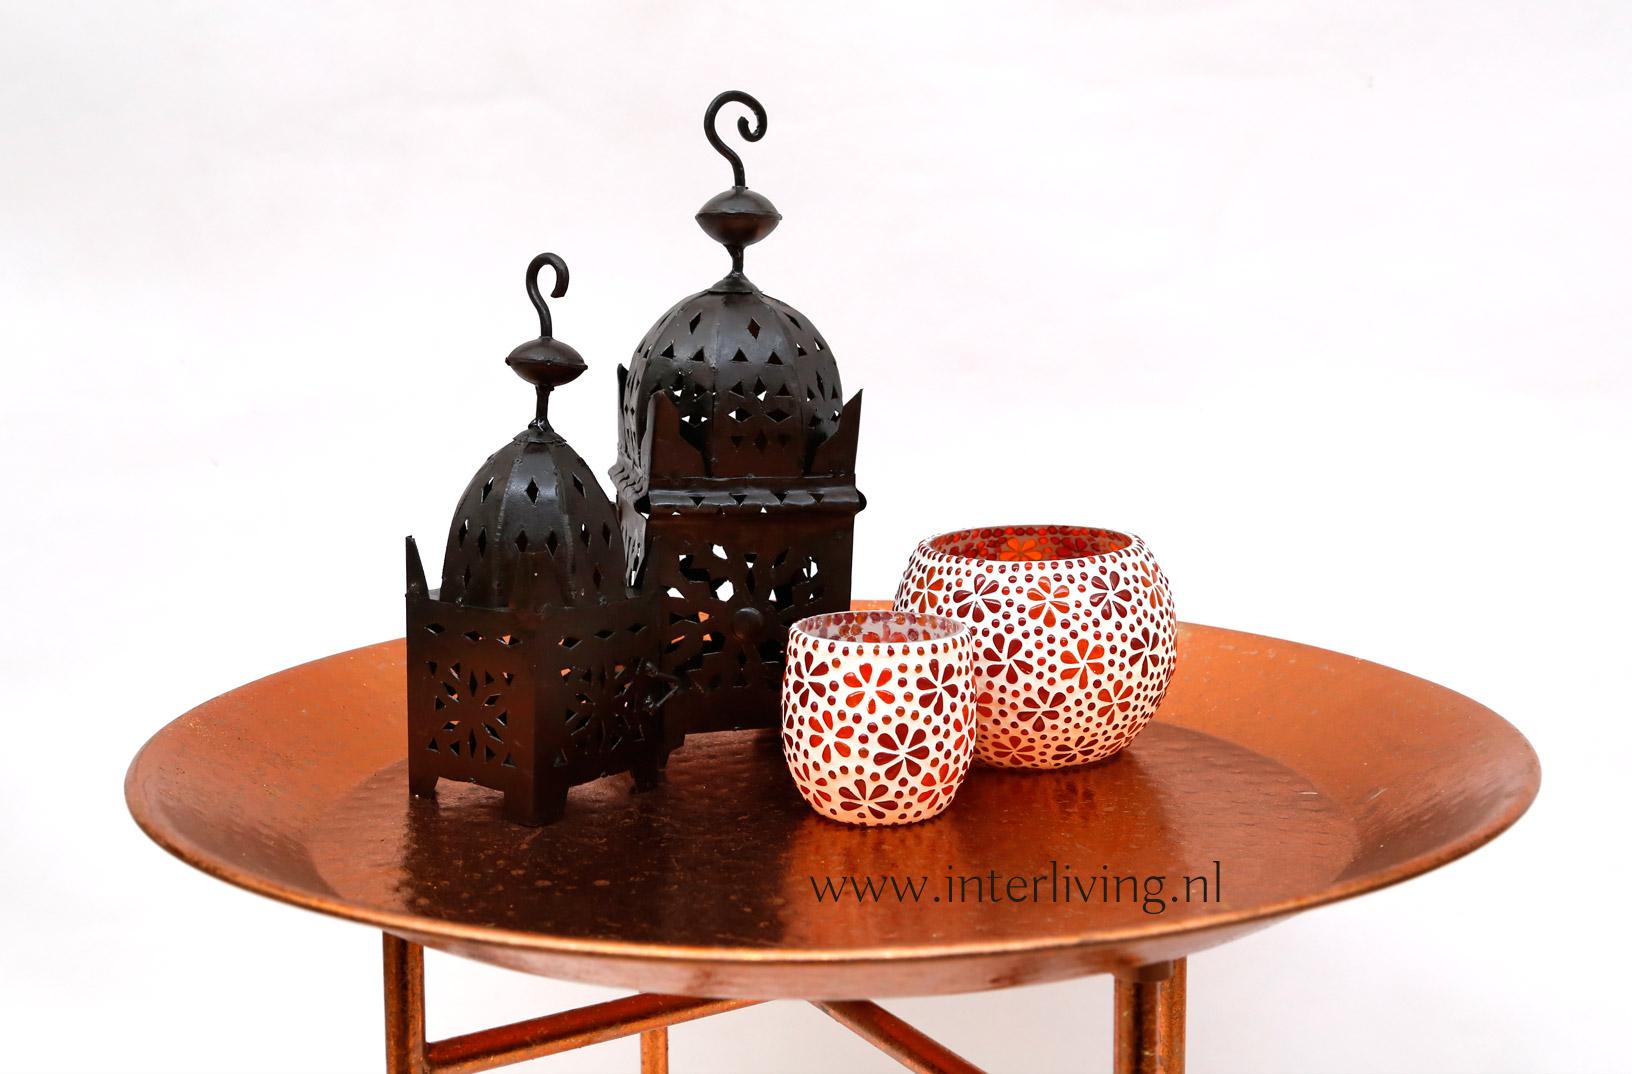 authentieke Arabische lantaarns - windlichten voor huis en tuin - boho styling idee woonstijl